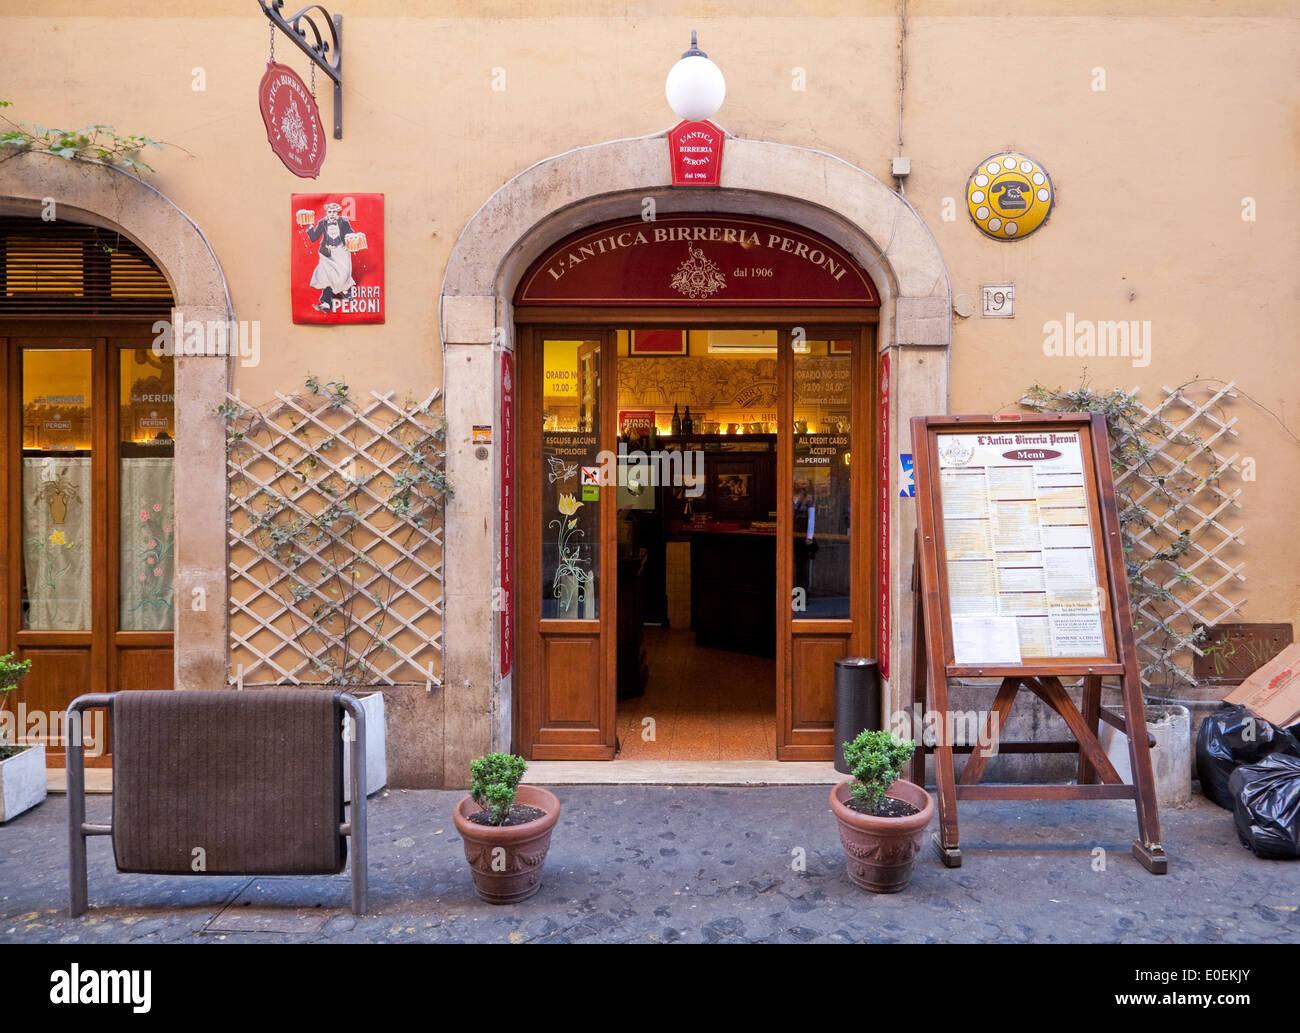 Restaurant, Rom, Italien - Restaurant, Rome, Italy Stock Photo